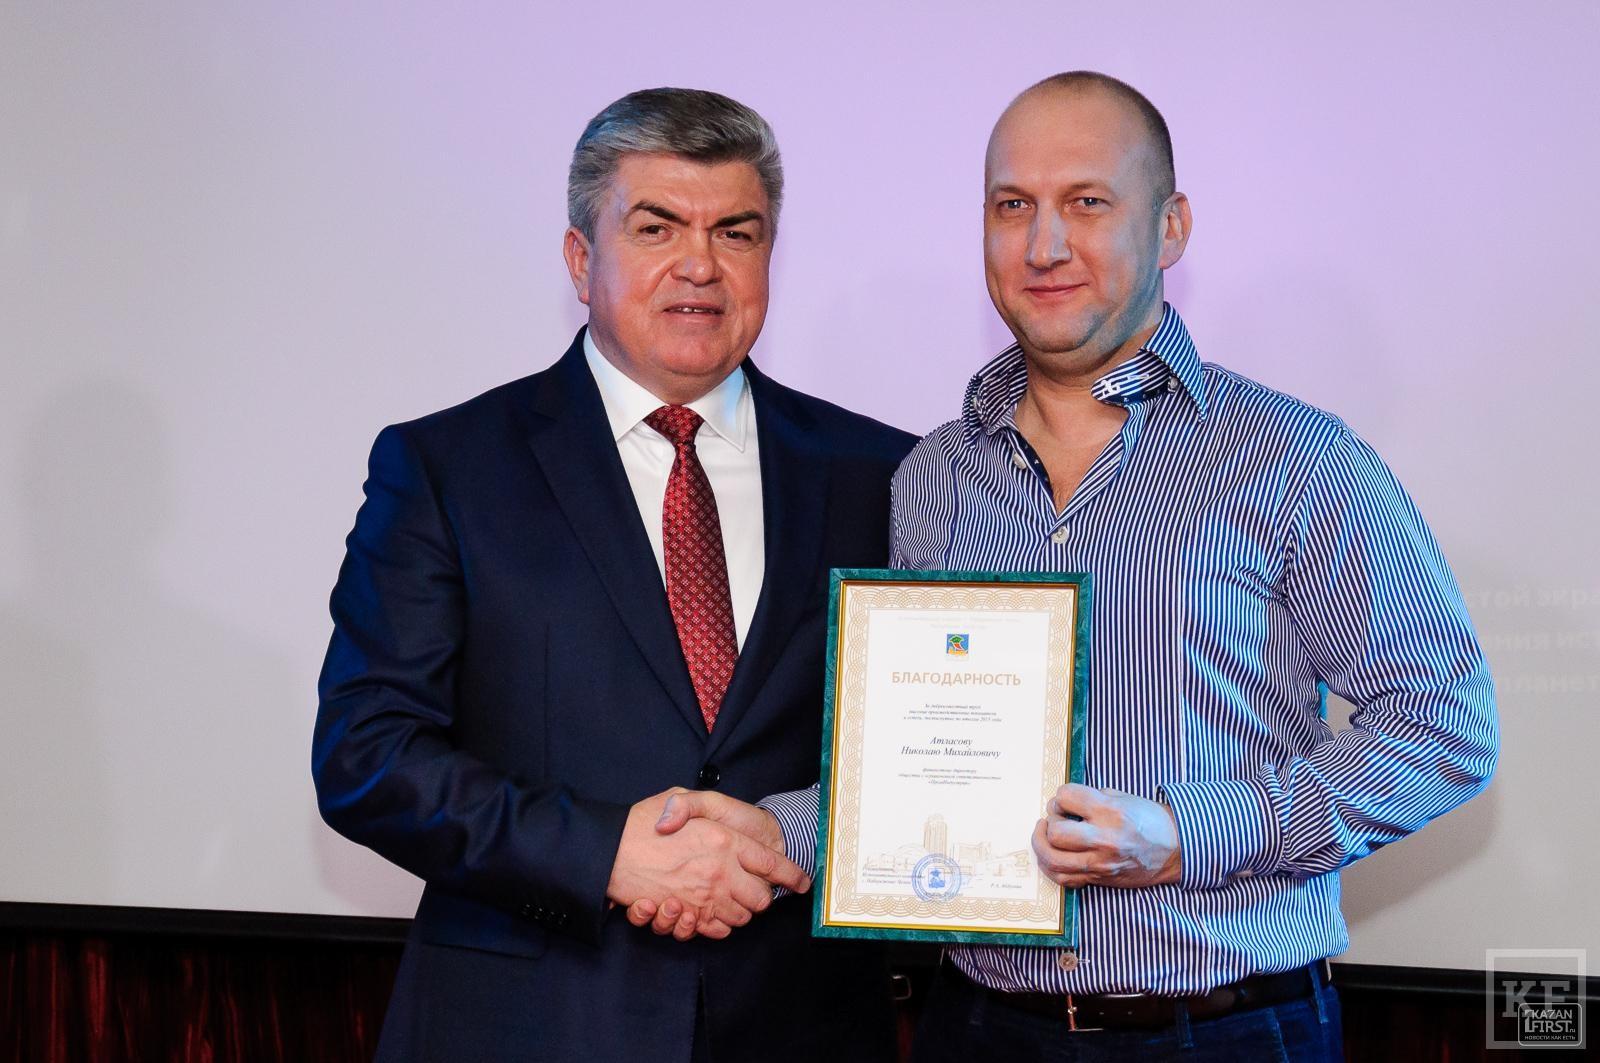 Наиль Магдеев: «Легче в 2016 году не будет, но самих себя давайте не будем пугать»